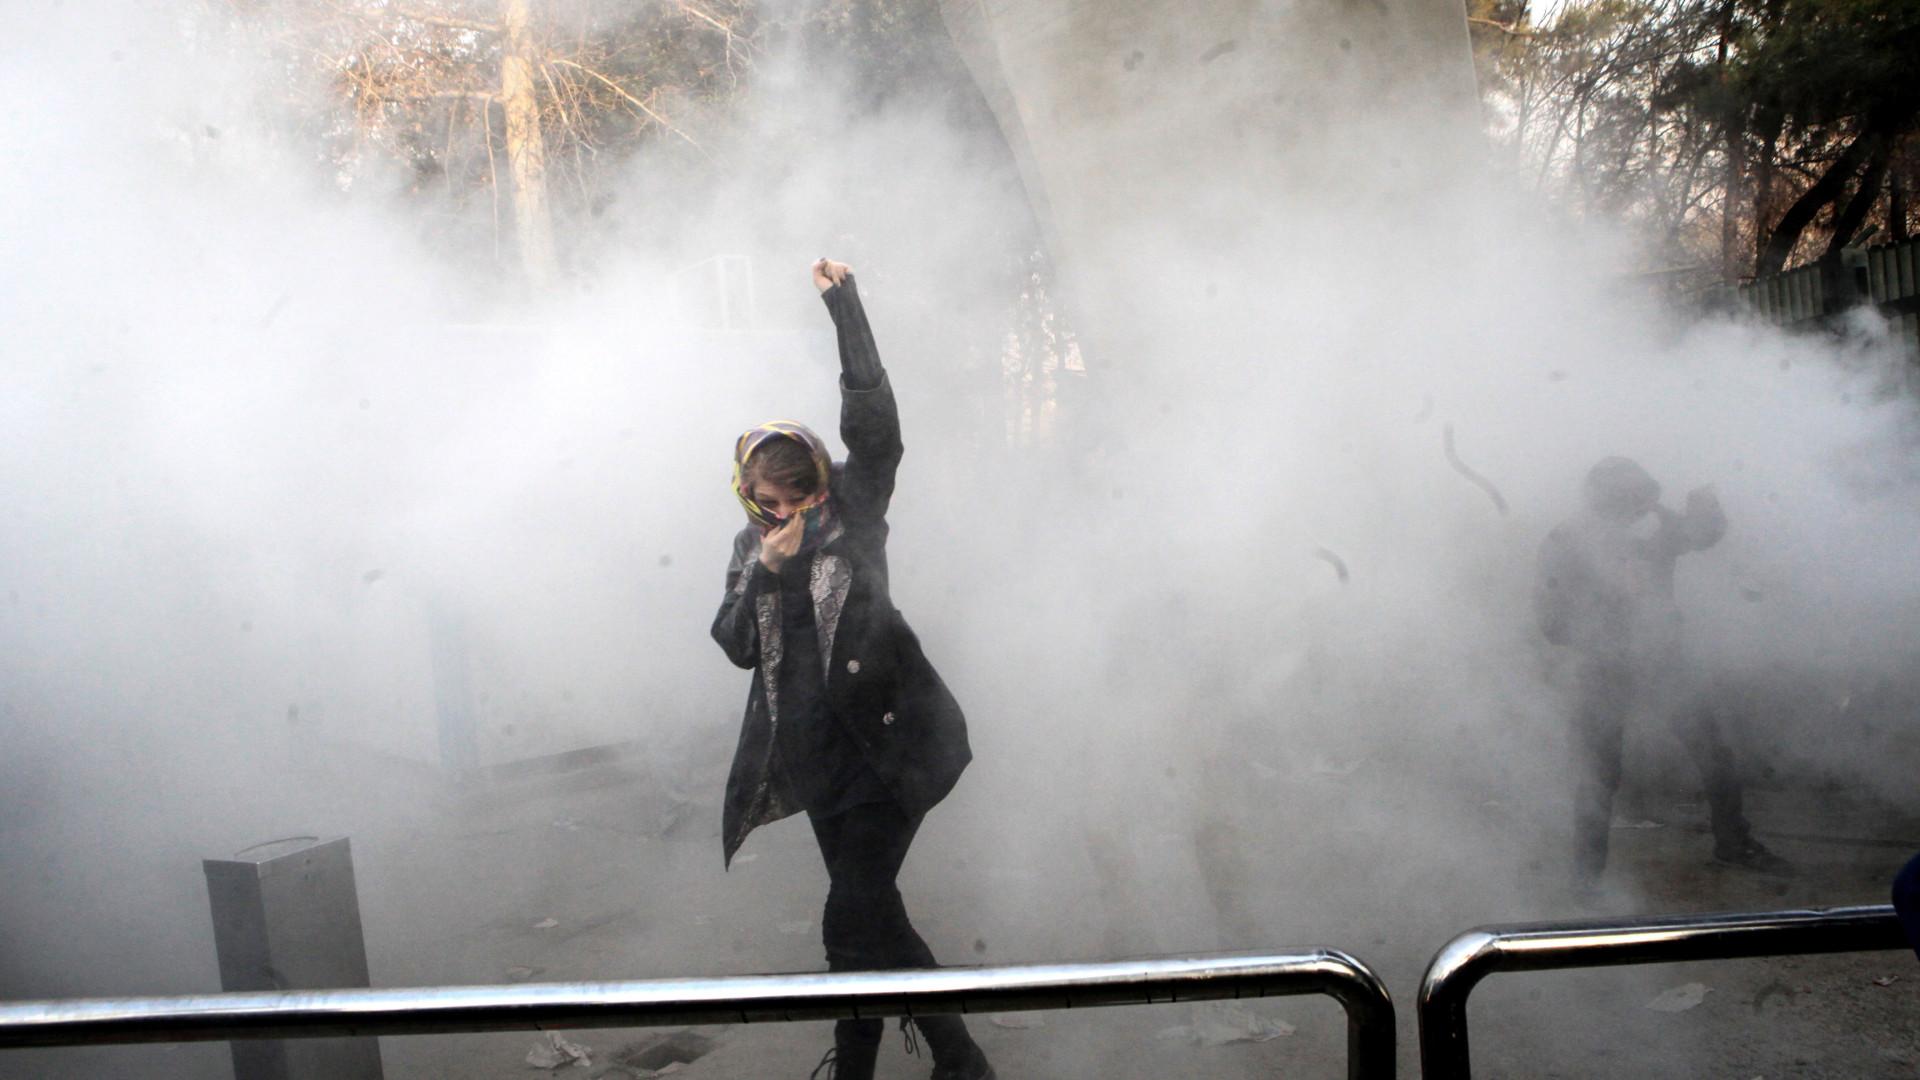 Televisão estatal relata morte de 12 opositores em protestos — Irão